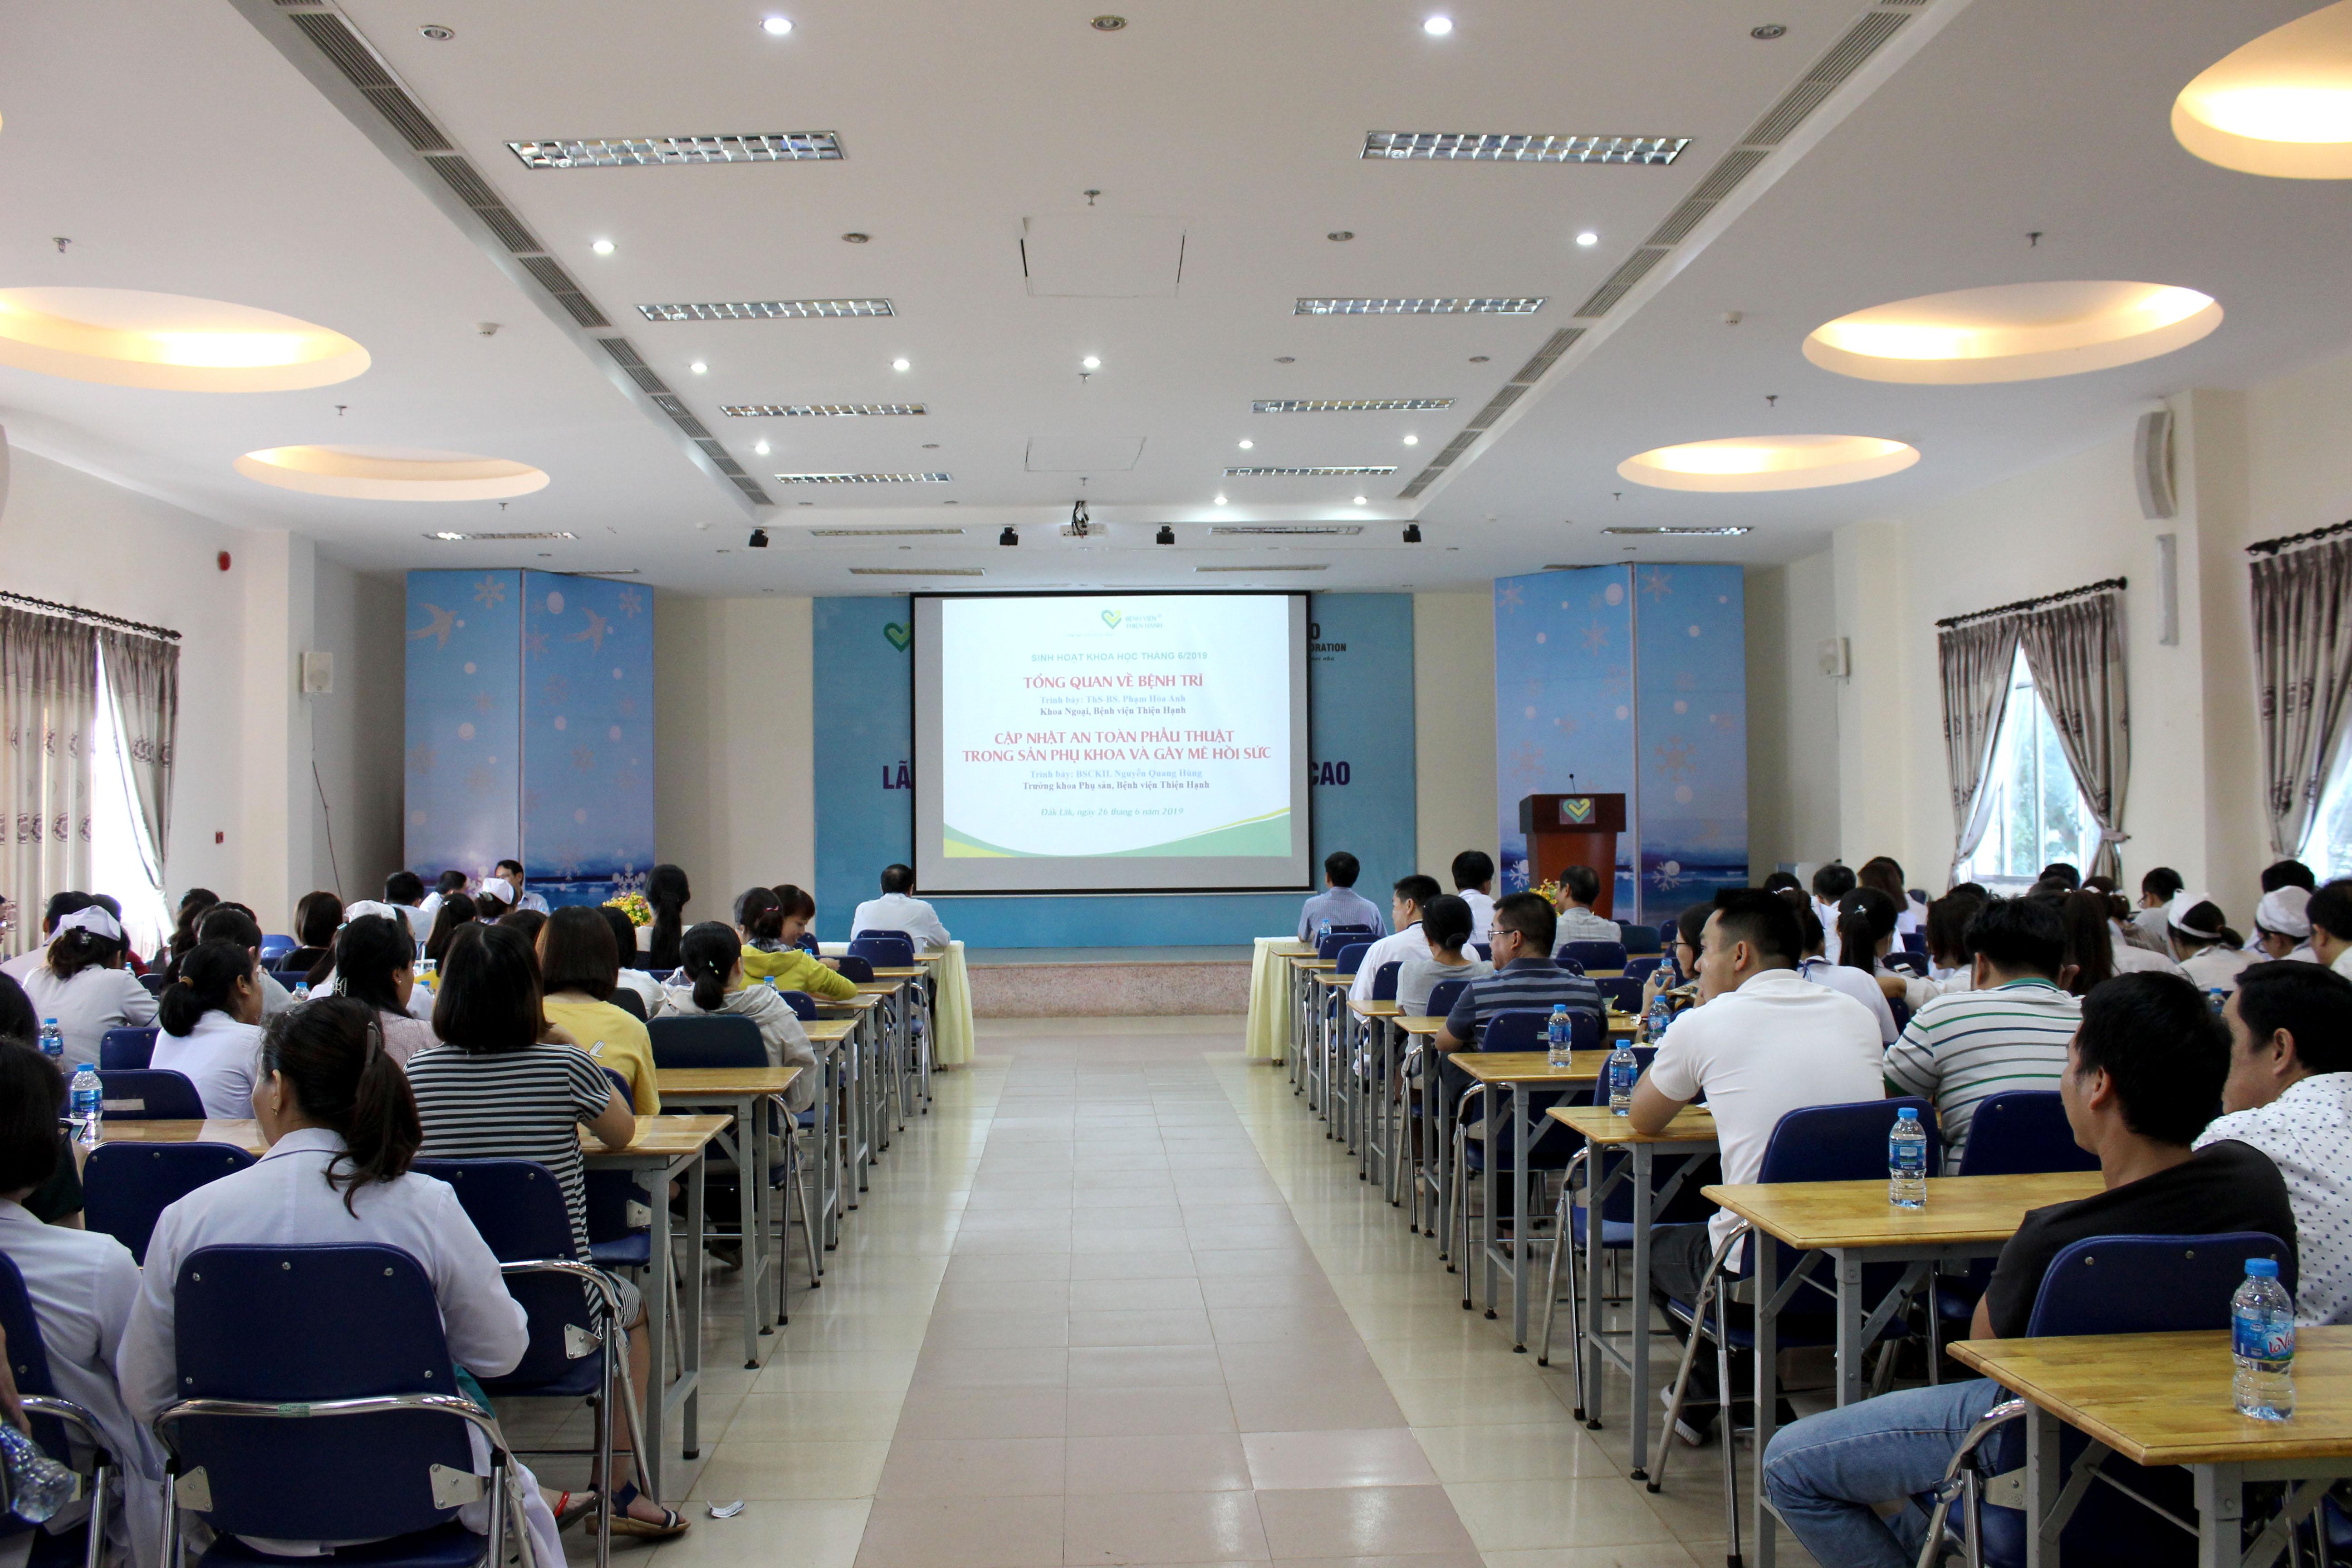 Sinh Hoạt Khoa Học Chuyên đề Bác Sĩ Tháng 6 Năm 2019